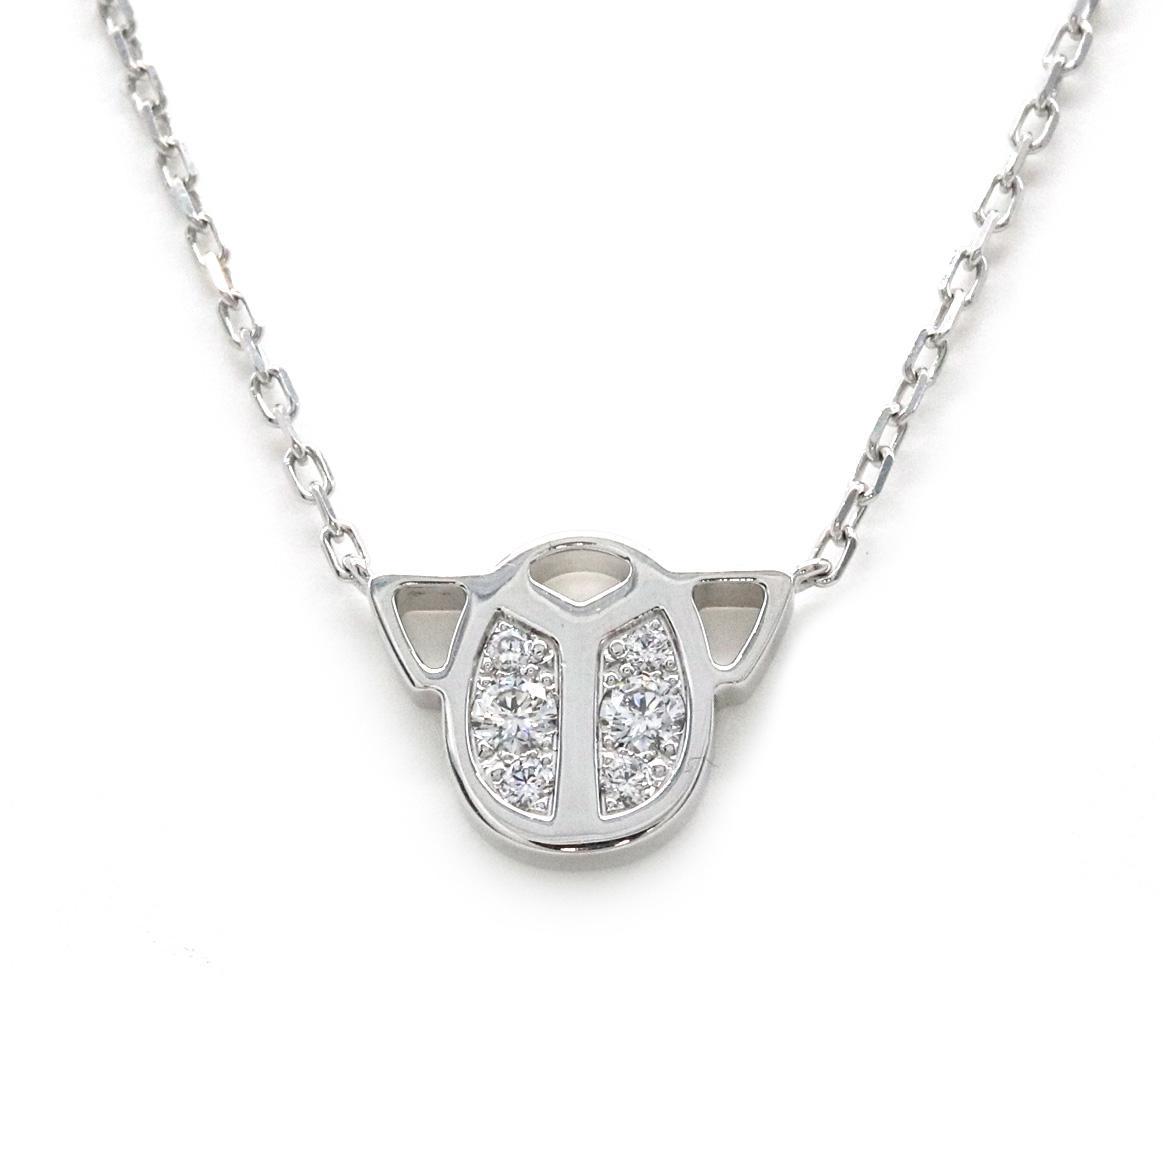 【ジュエリー】【新品仕上げ済】Cartier カルティエ スカラベ ダイヤモンド ネックレス 6P ダイヤ K18WG ホワイトゴールド 【中古】